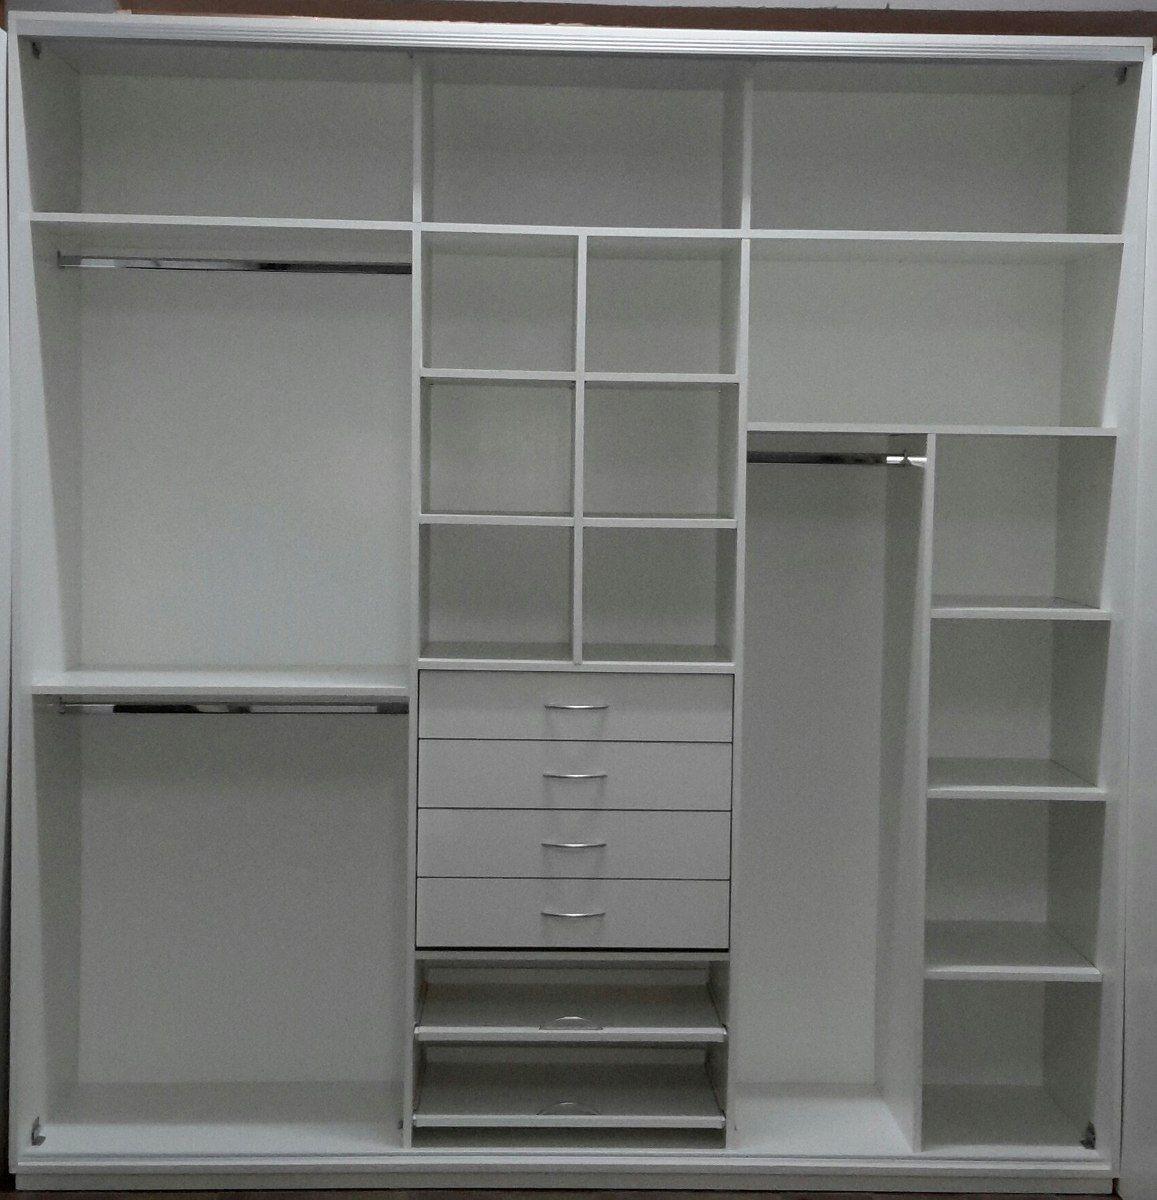 M s de 25 ideas incre bles sobre closet de aluminio en - Armarios empotrados de aluminio ...